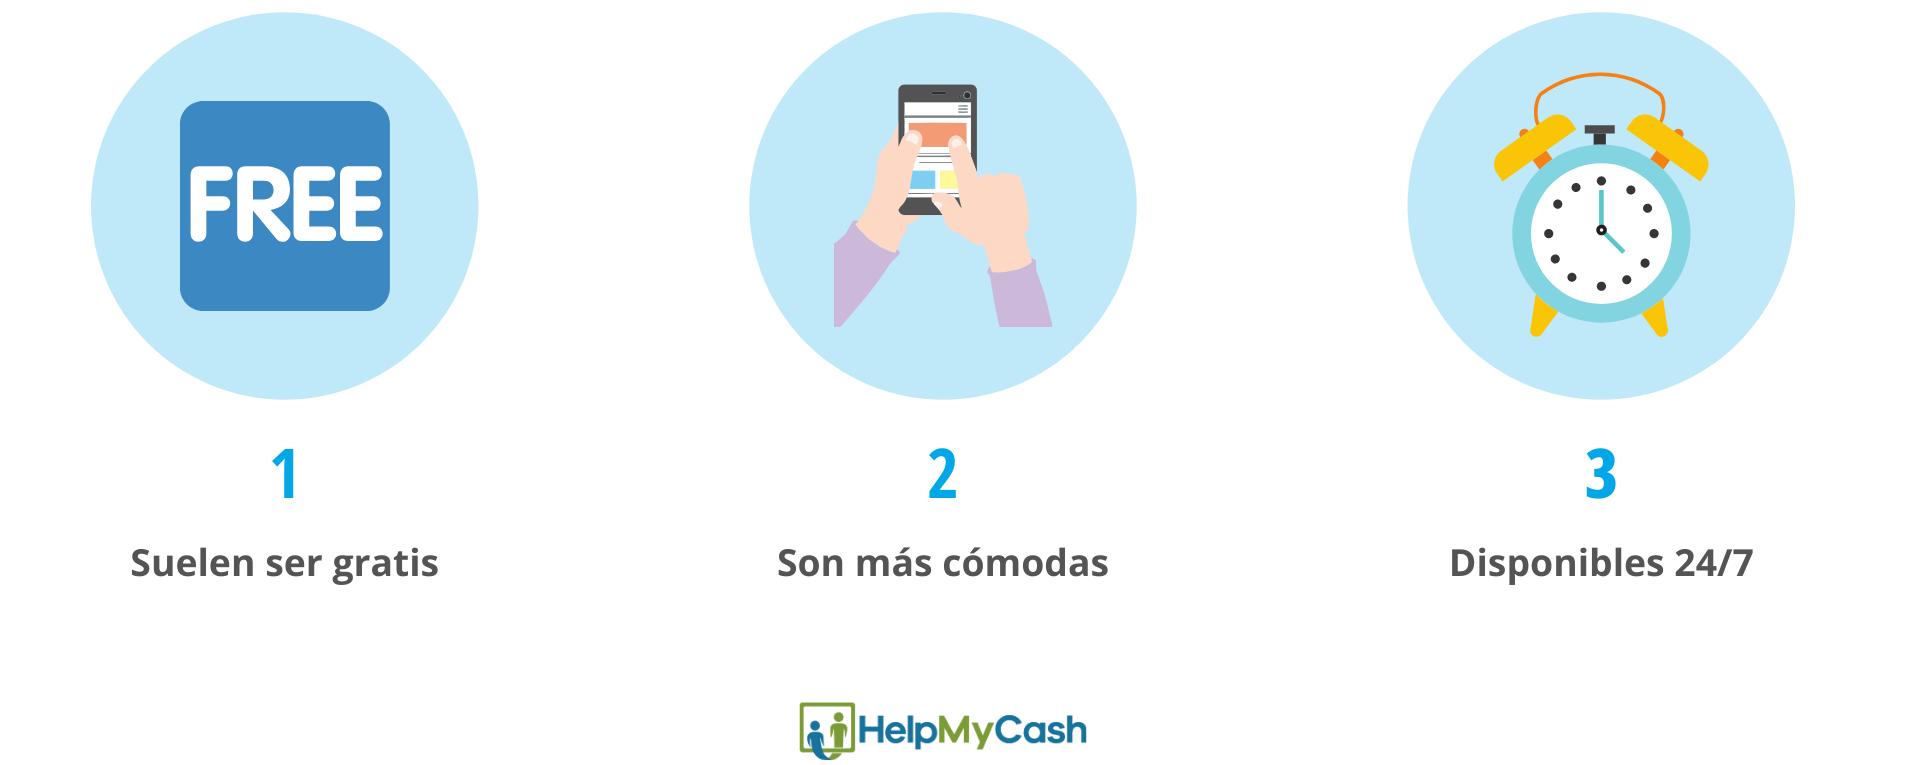 ventajas de las transferencias bancarias online: 1- suelen ser gratis. 2- son más cómodas. 3- Disponibles 24/7